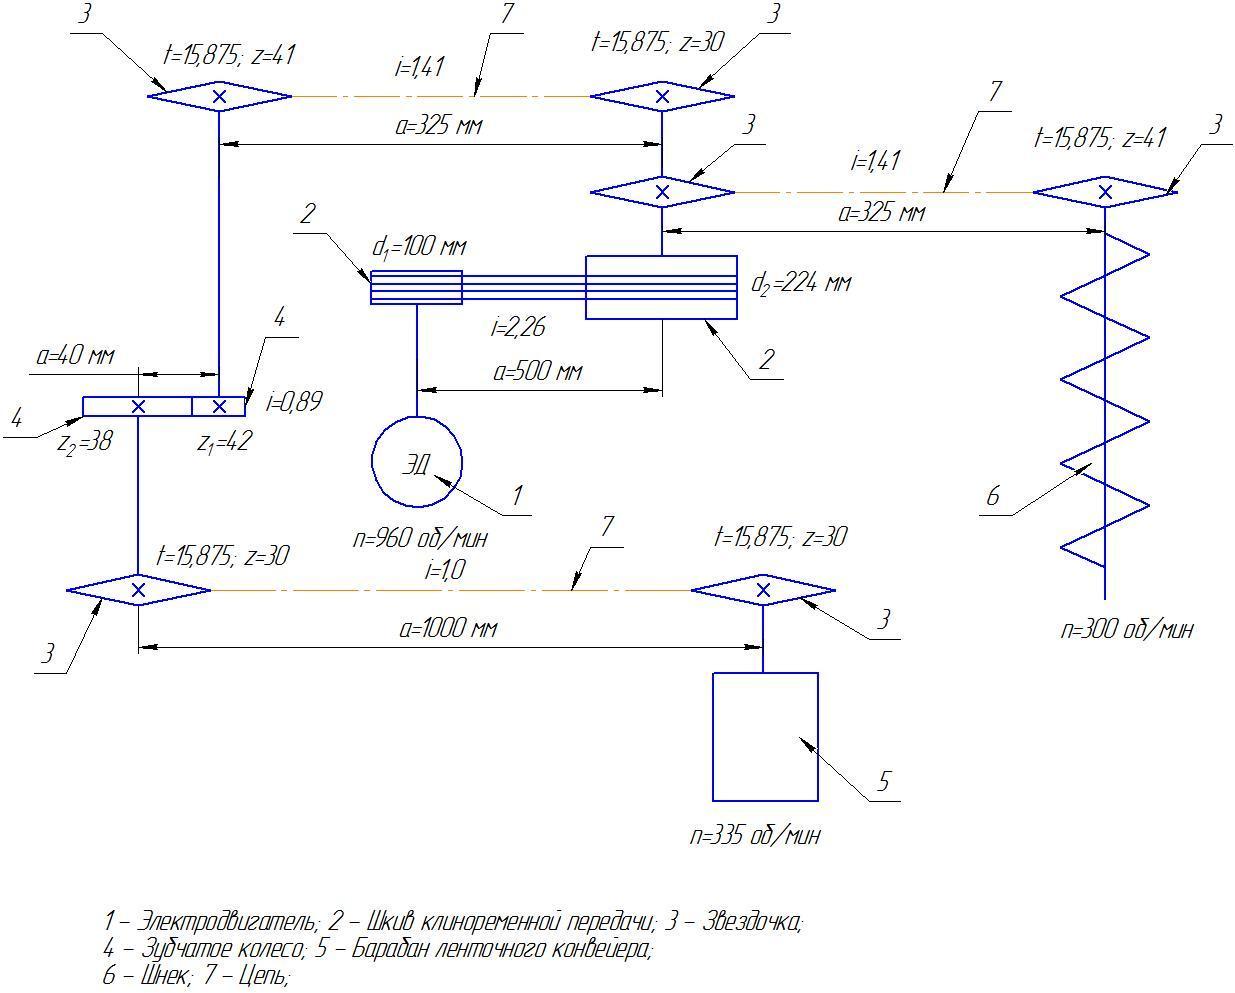 Схема подключения привода конвейеров